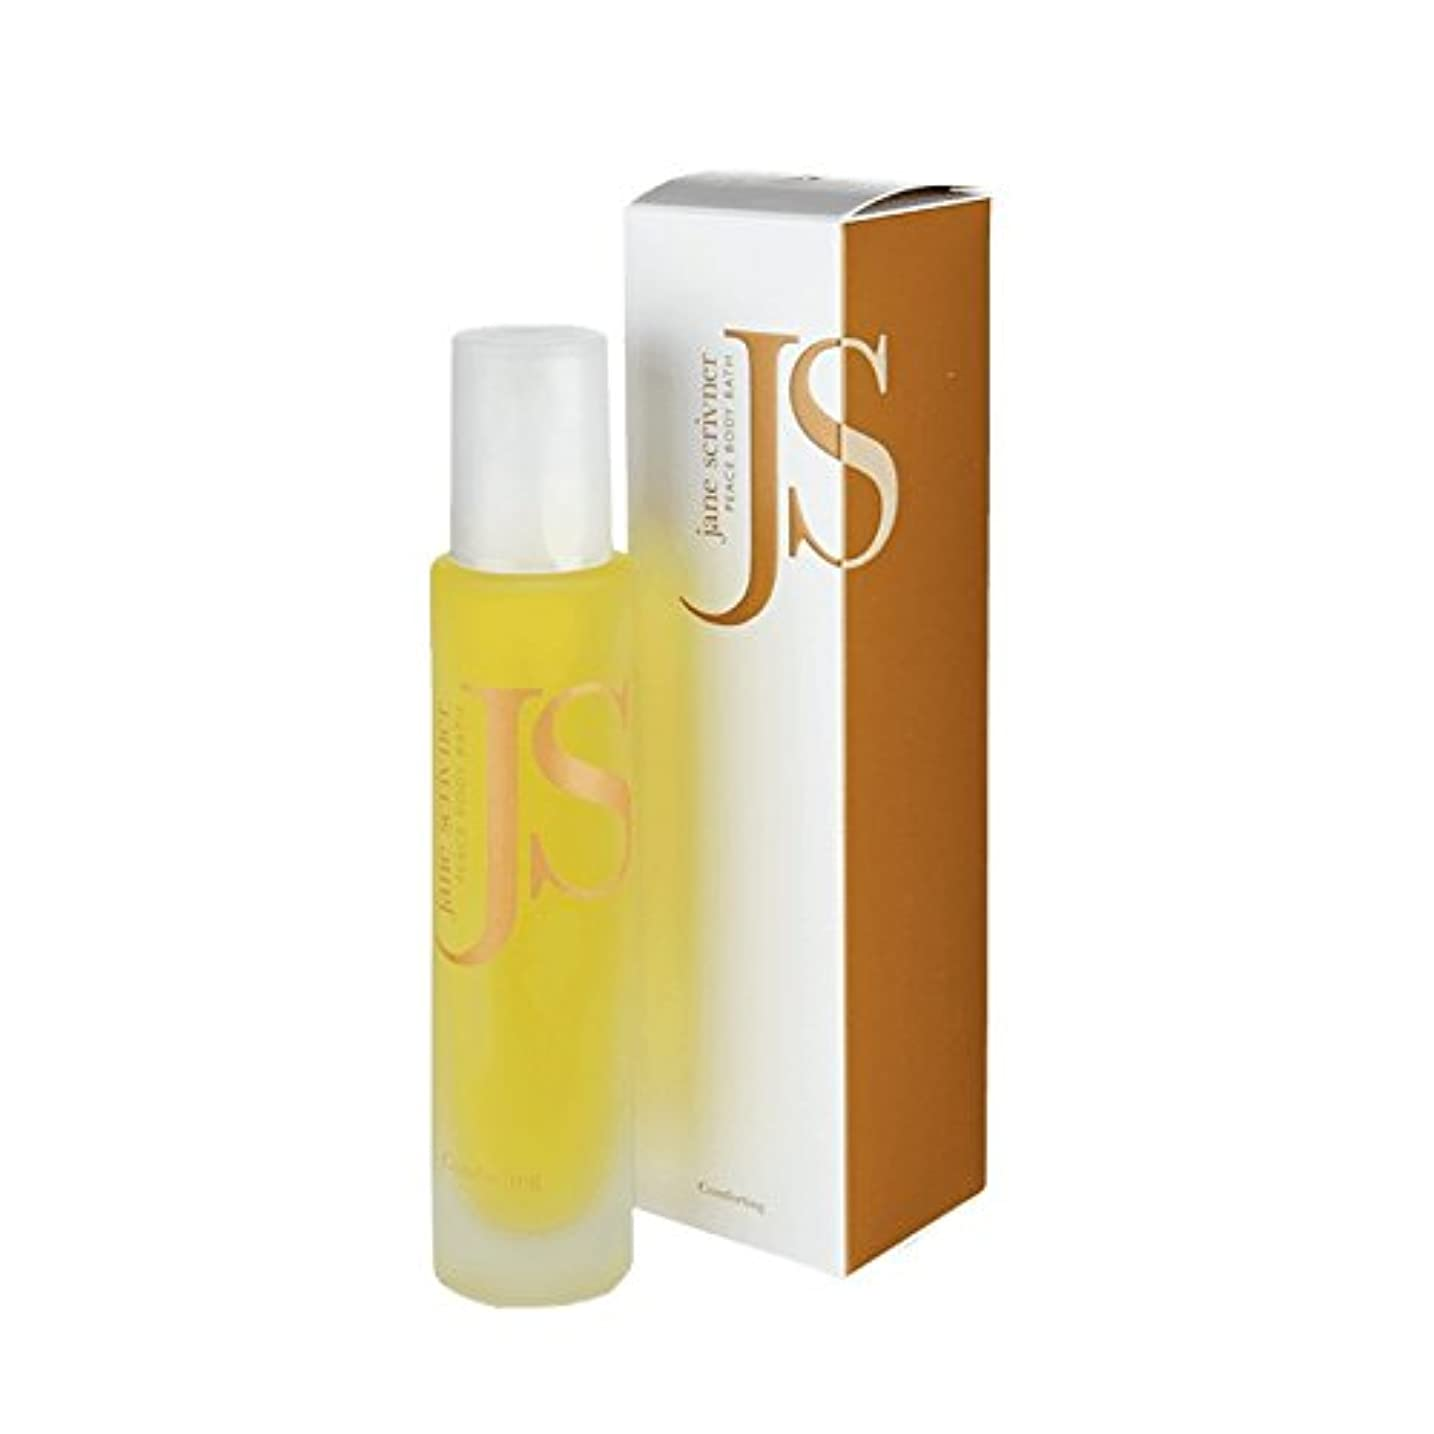 拒否ポンペイ責任ジェーンScrivnerボディバスオイル平和100ミリリットル - Jane Scrivner Body Bath Oil Peace 100ml (Jane Scrivner) [並行輸入品]